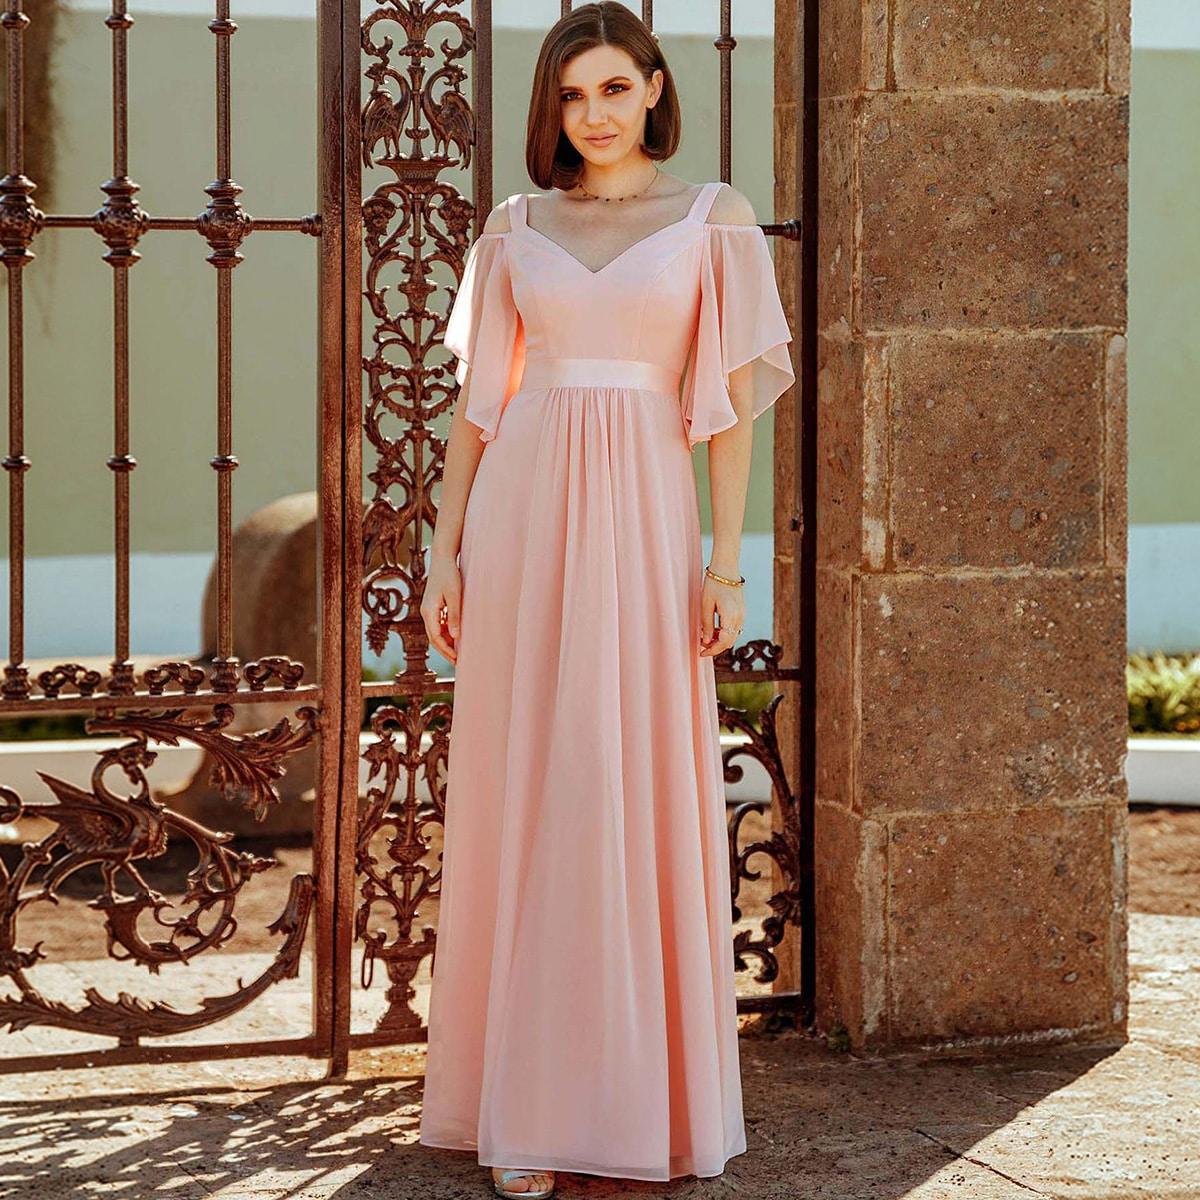 Макси платье с открытыми плечами и оригинальными рукавами